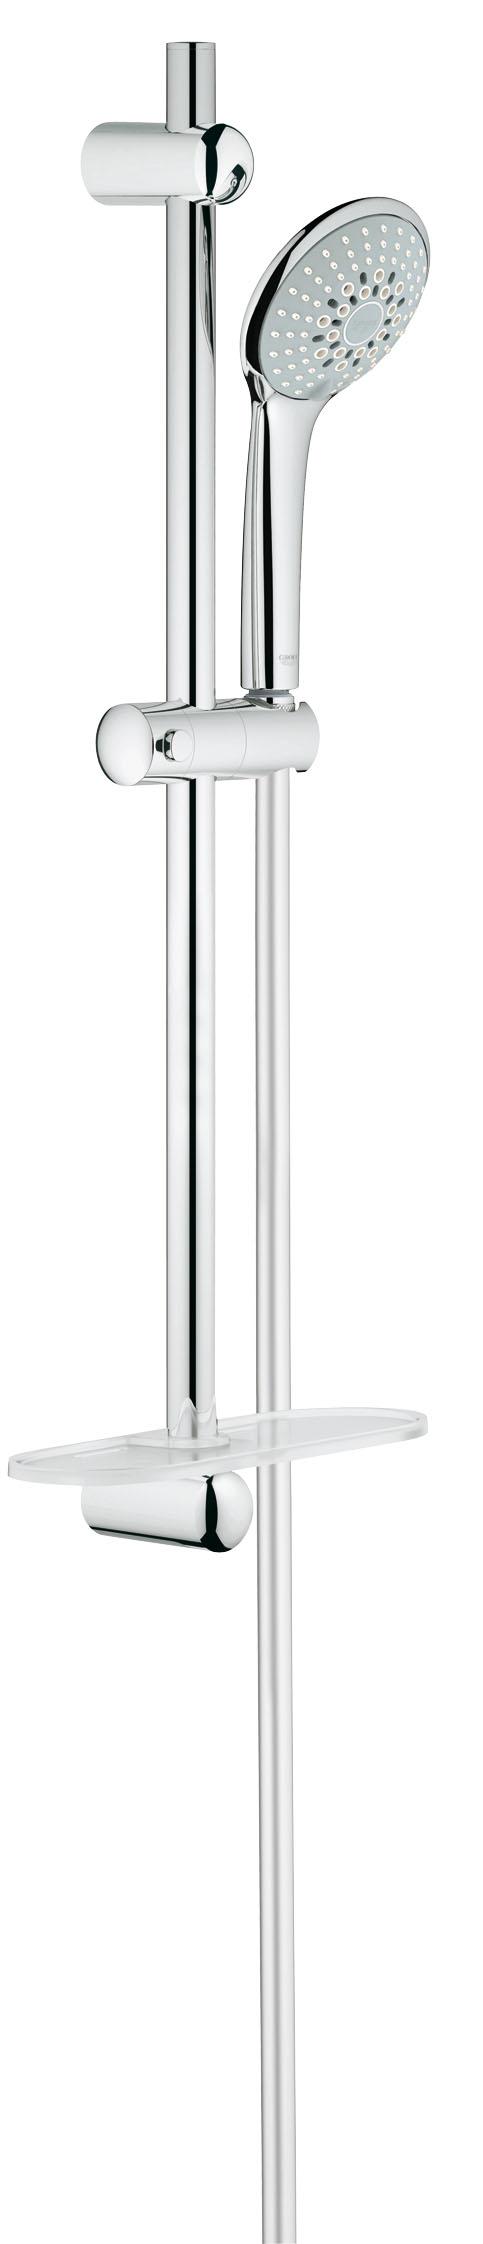 Душевой комплект GROHE Euphoria, штанга 600мм. (27232001)27232001GROHE Euphoria 110 Champagne: стильный душевой гарнитур со штангой для роскошных душевых процедур В дополнение к режимам Rain и SmartRain, данный ручной душ из серии GROHE Euphoria также оснащен роскошным режимом струи Champagne, в котором воздух затягивается в душевую головку и смешивается с водой. При этом создается чрезвычайно расслабляющий и нежный поток воды, окутывающий Вас с головы до ног. Данный ручной душ комплектуется душевой штангой длиной 600 мм, а также запатентованной системой крепления QuickFix, которая позволяет быстро и легко осуществить монтаж, используя имеющиеся отверстия в стене или просверлив новые в межплиточных швах. Благодаря входящему в комплект шлангу TwistFree распутывание перекрученных душевых шлангов останется для Вас в прошлом. Износостойкое покрытие GROHE StarLight чрезвычайно неприхотливо в уходе. В комплект входит еще один удобный аксессуар – полочка GROHE EasyReach, с которой шампунь и гель для душа всегда будут под рукой. Особенности: ...